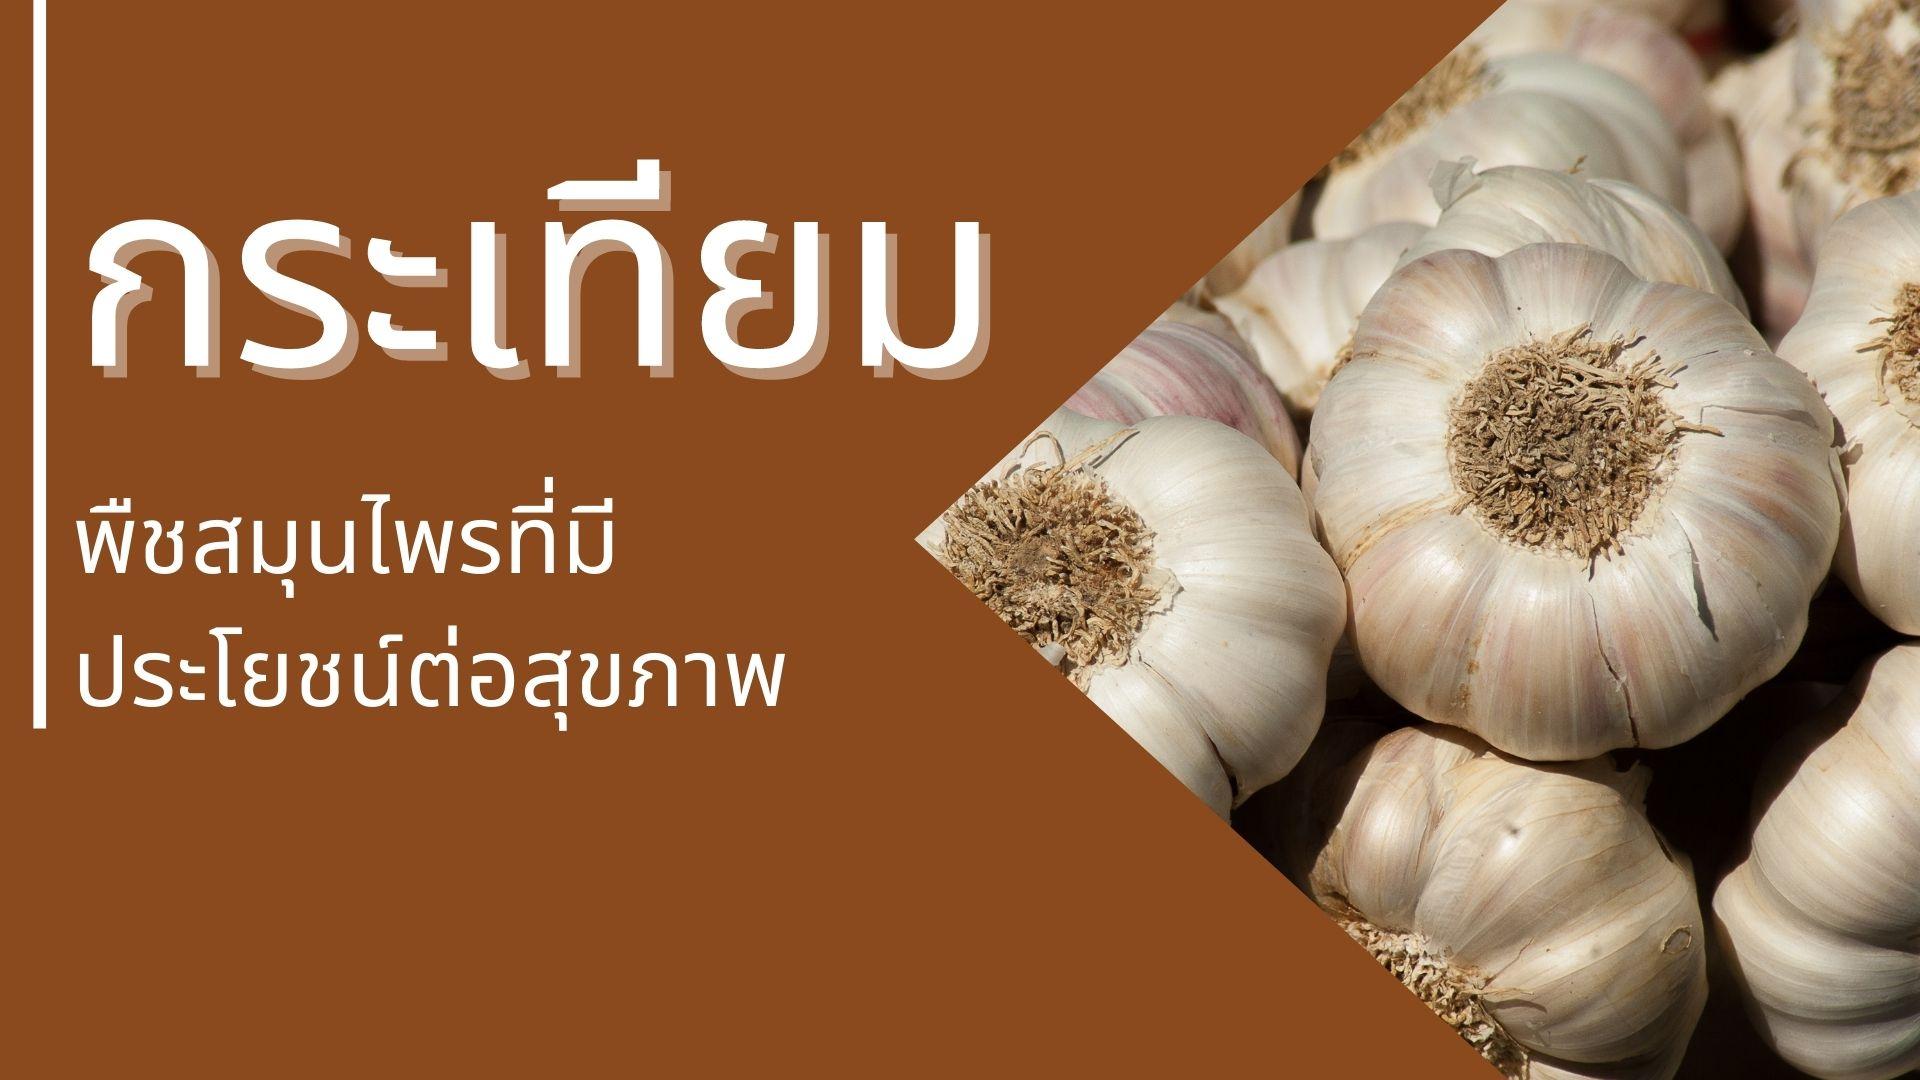 กระเทียม พืชสมุนไพรที่มีประโยชน์ต่อสุขภาพ